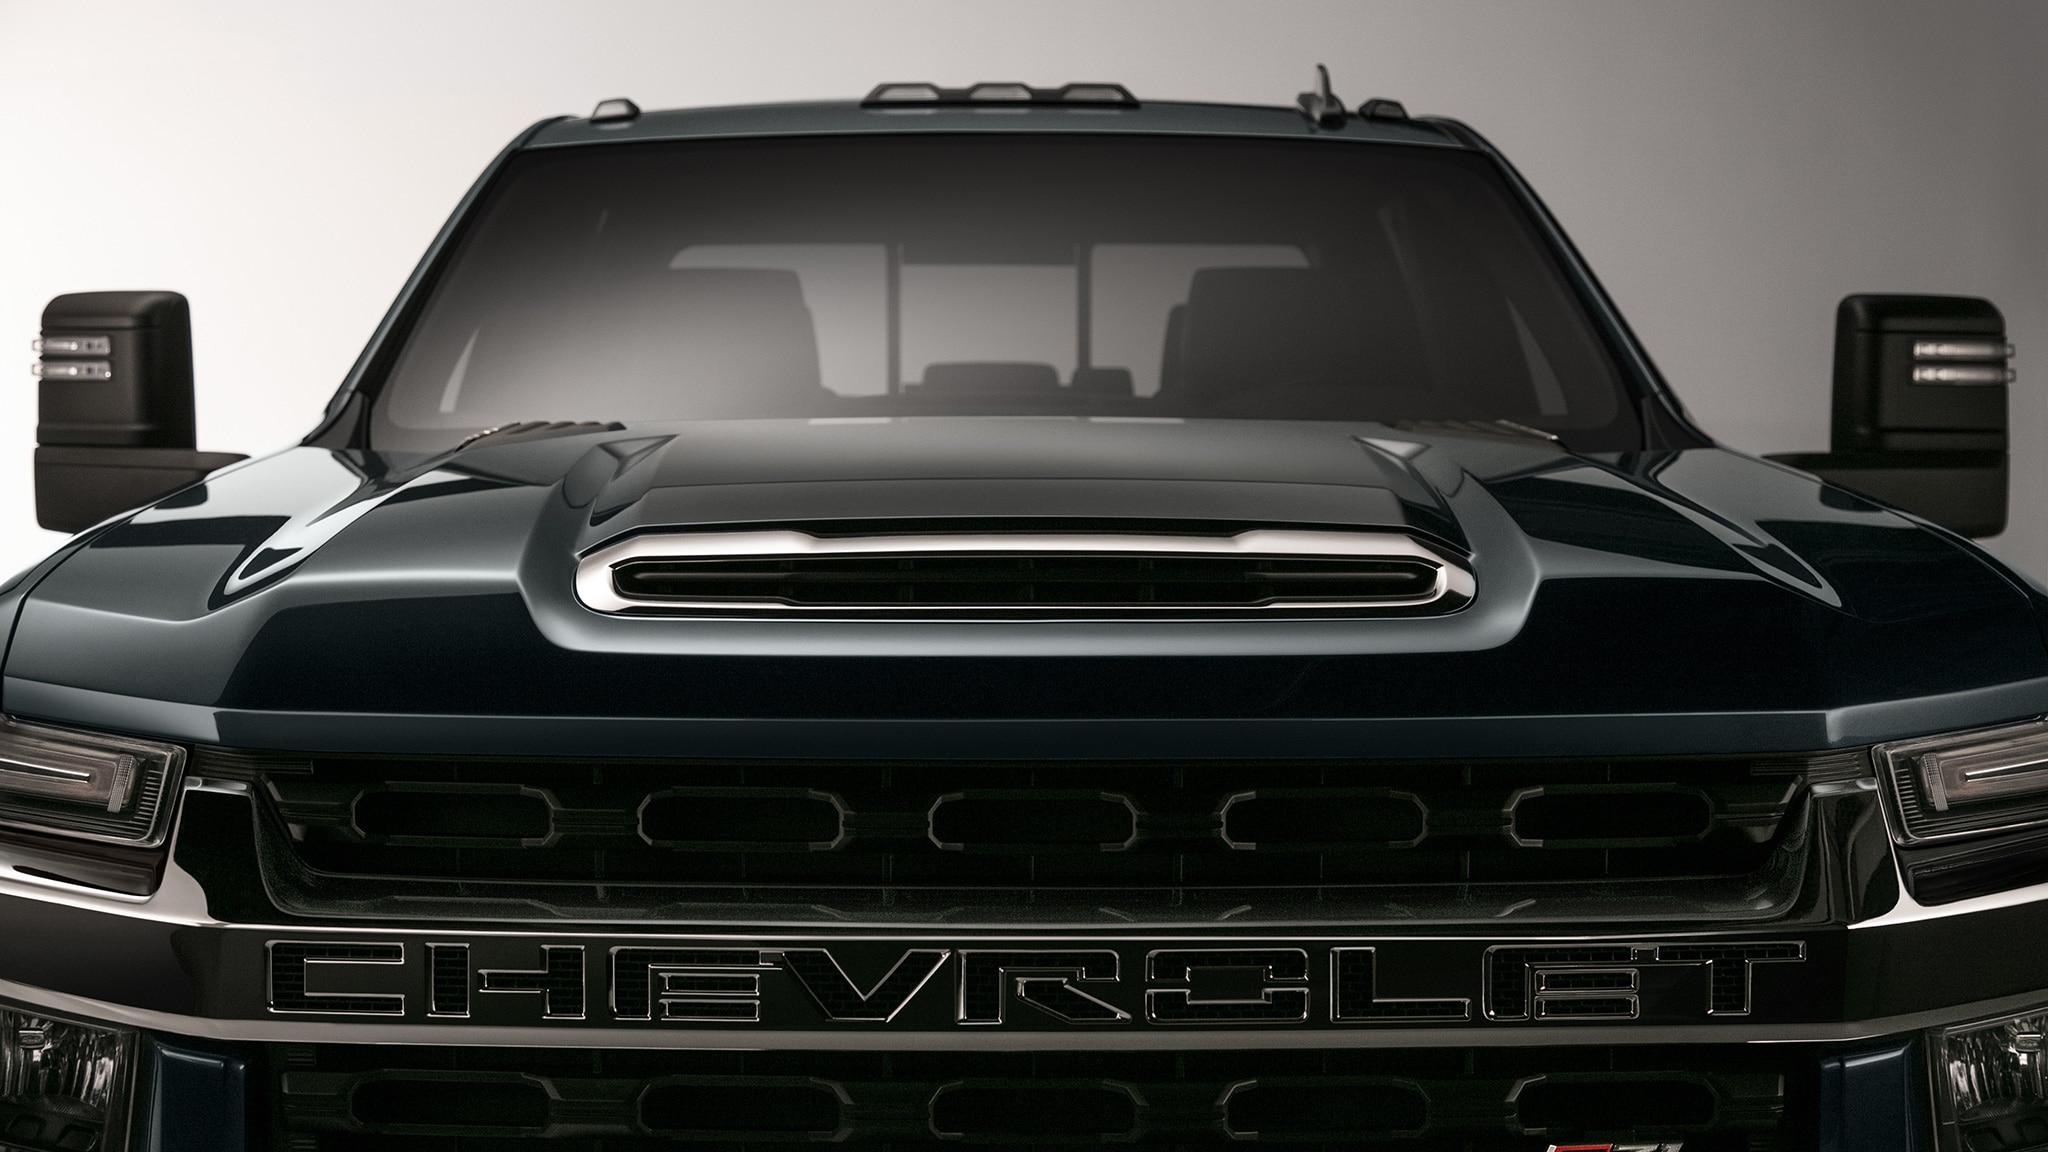 2020 Chevrolet Silverado HD Debuts: Big-Time Max Towing